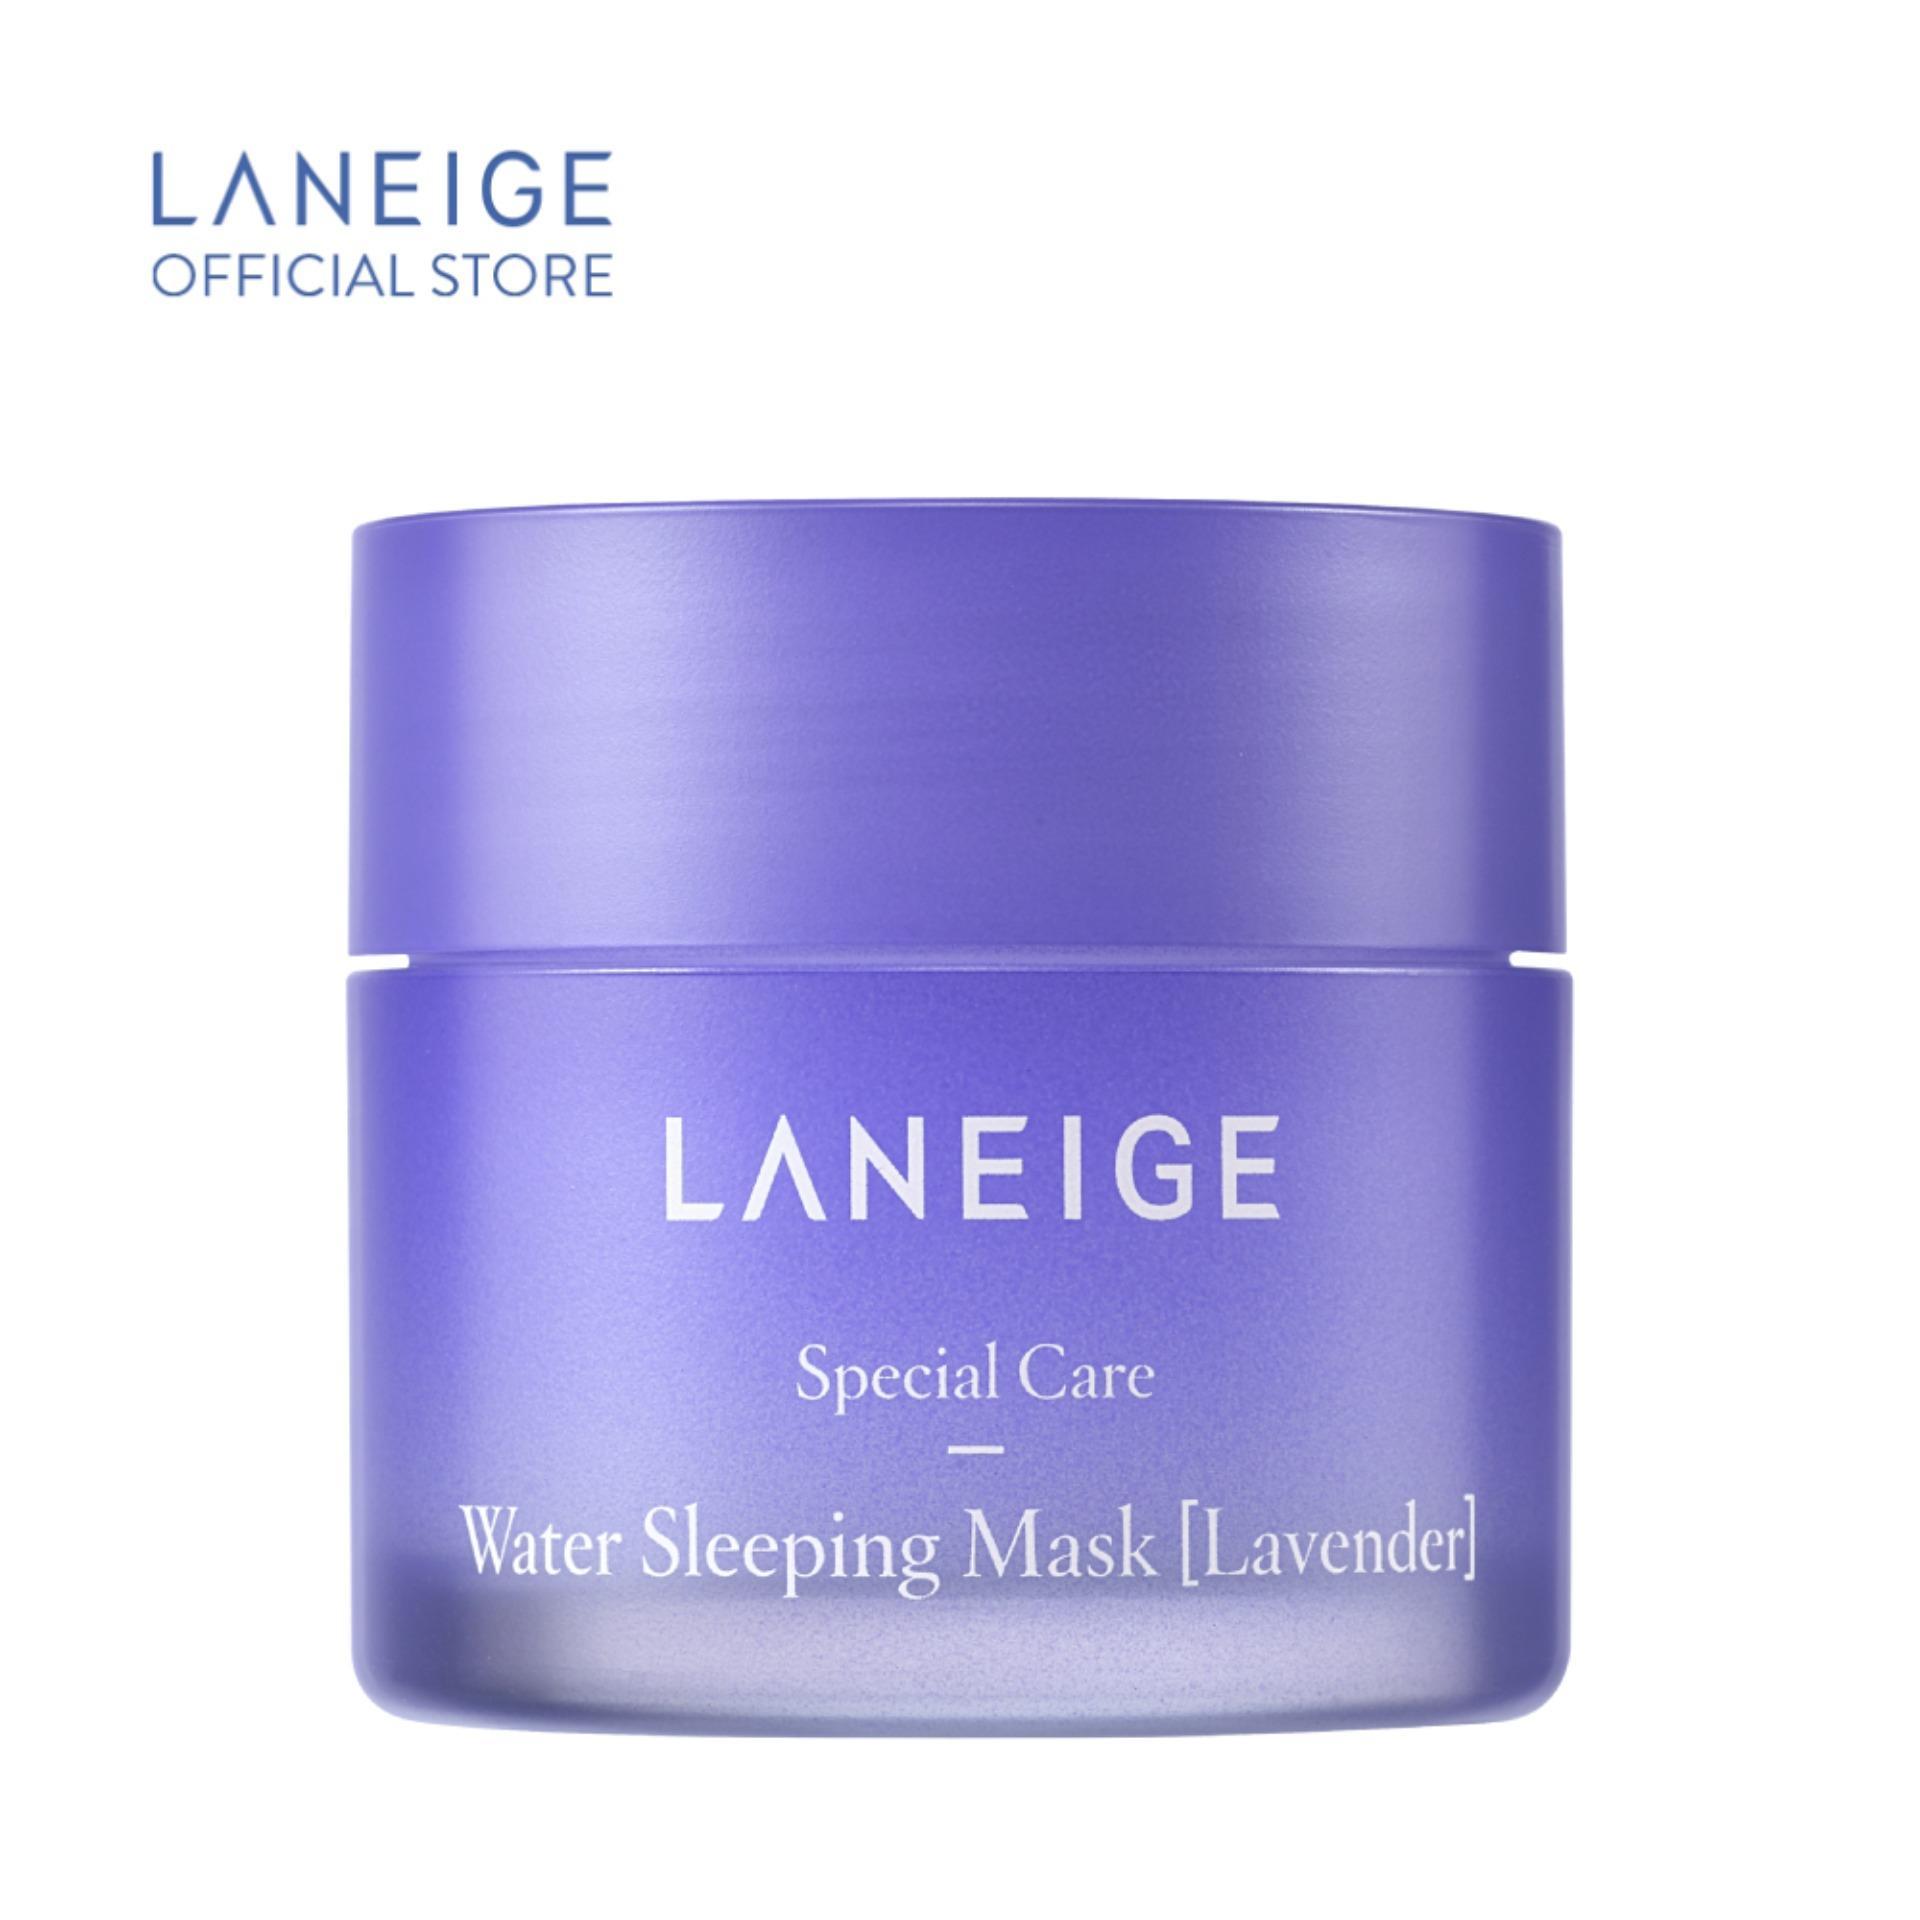 Mặt nạ ngủ dưỡng ẩm hương hoa oải hương Laneige Water Sleeping Mask Lavender Miniature 25ml